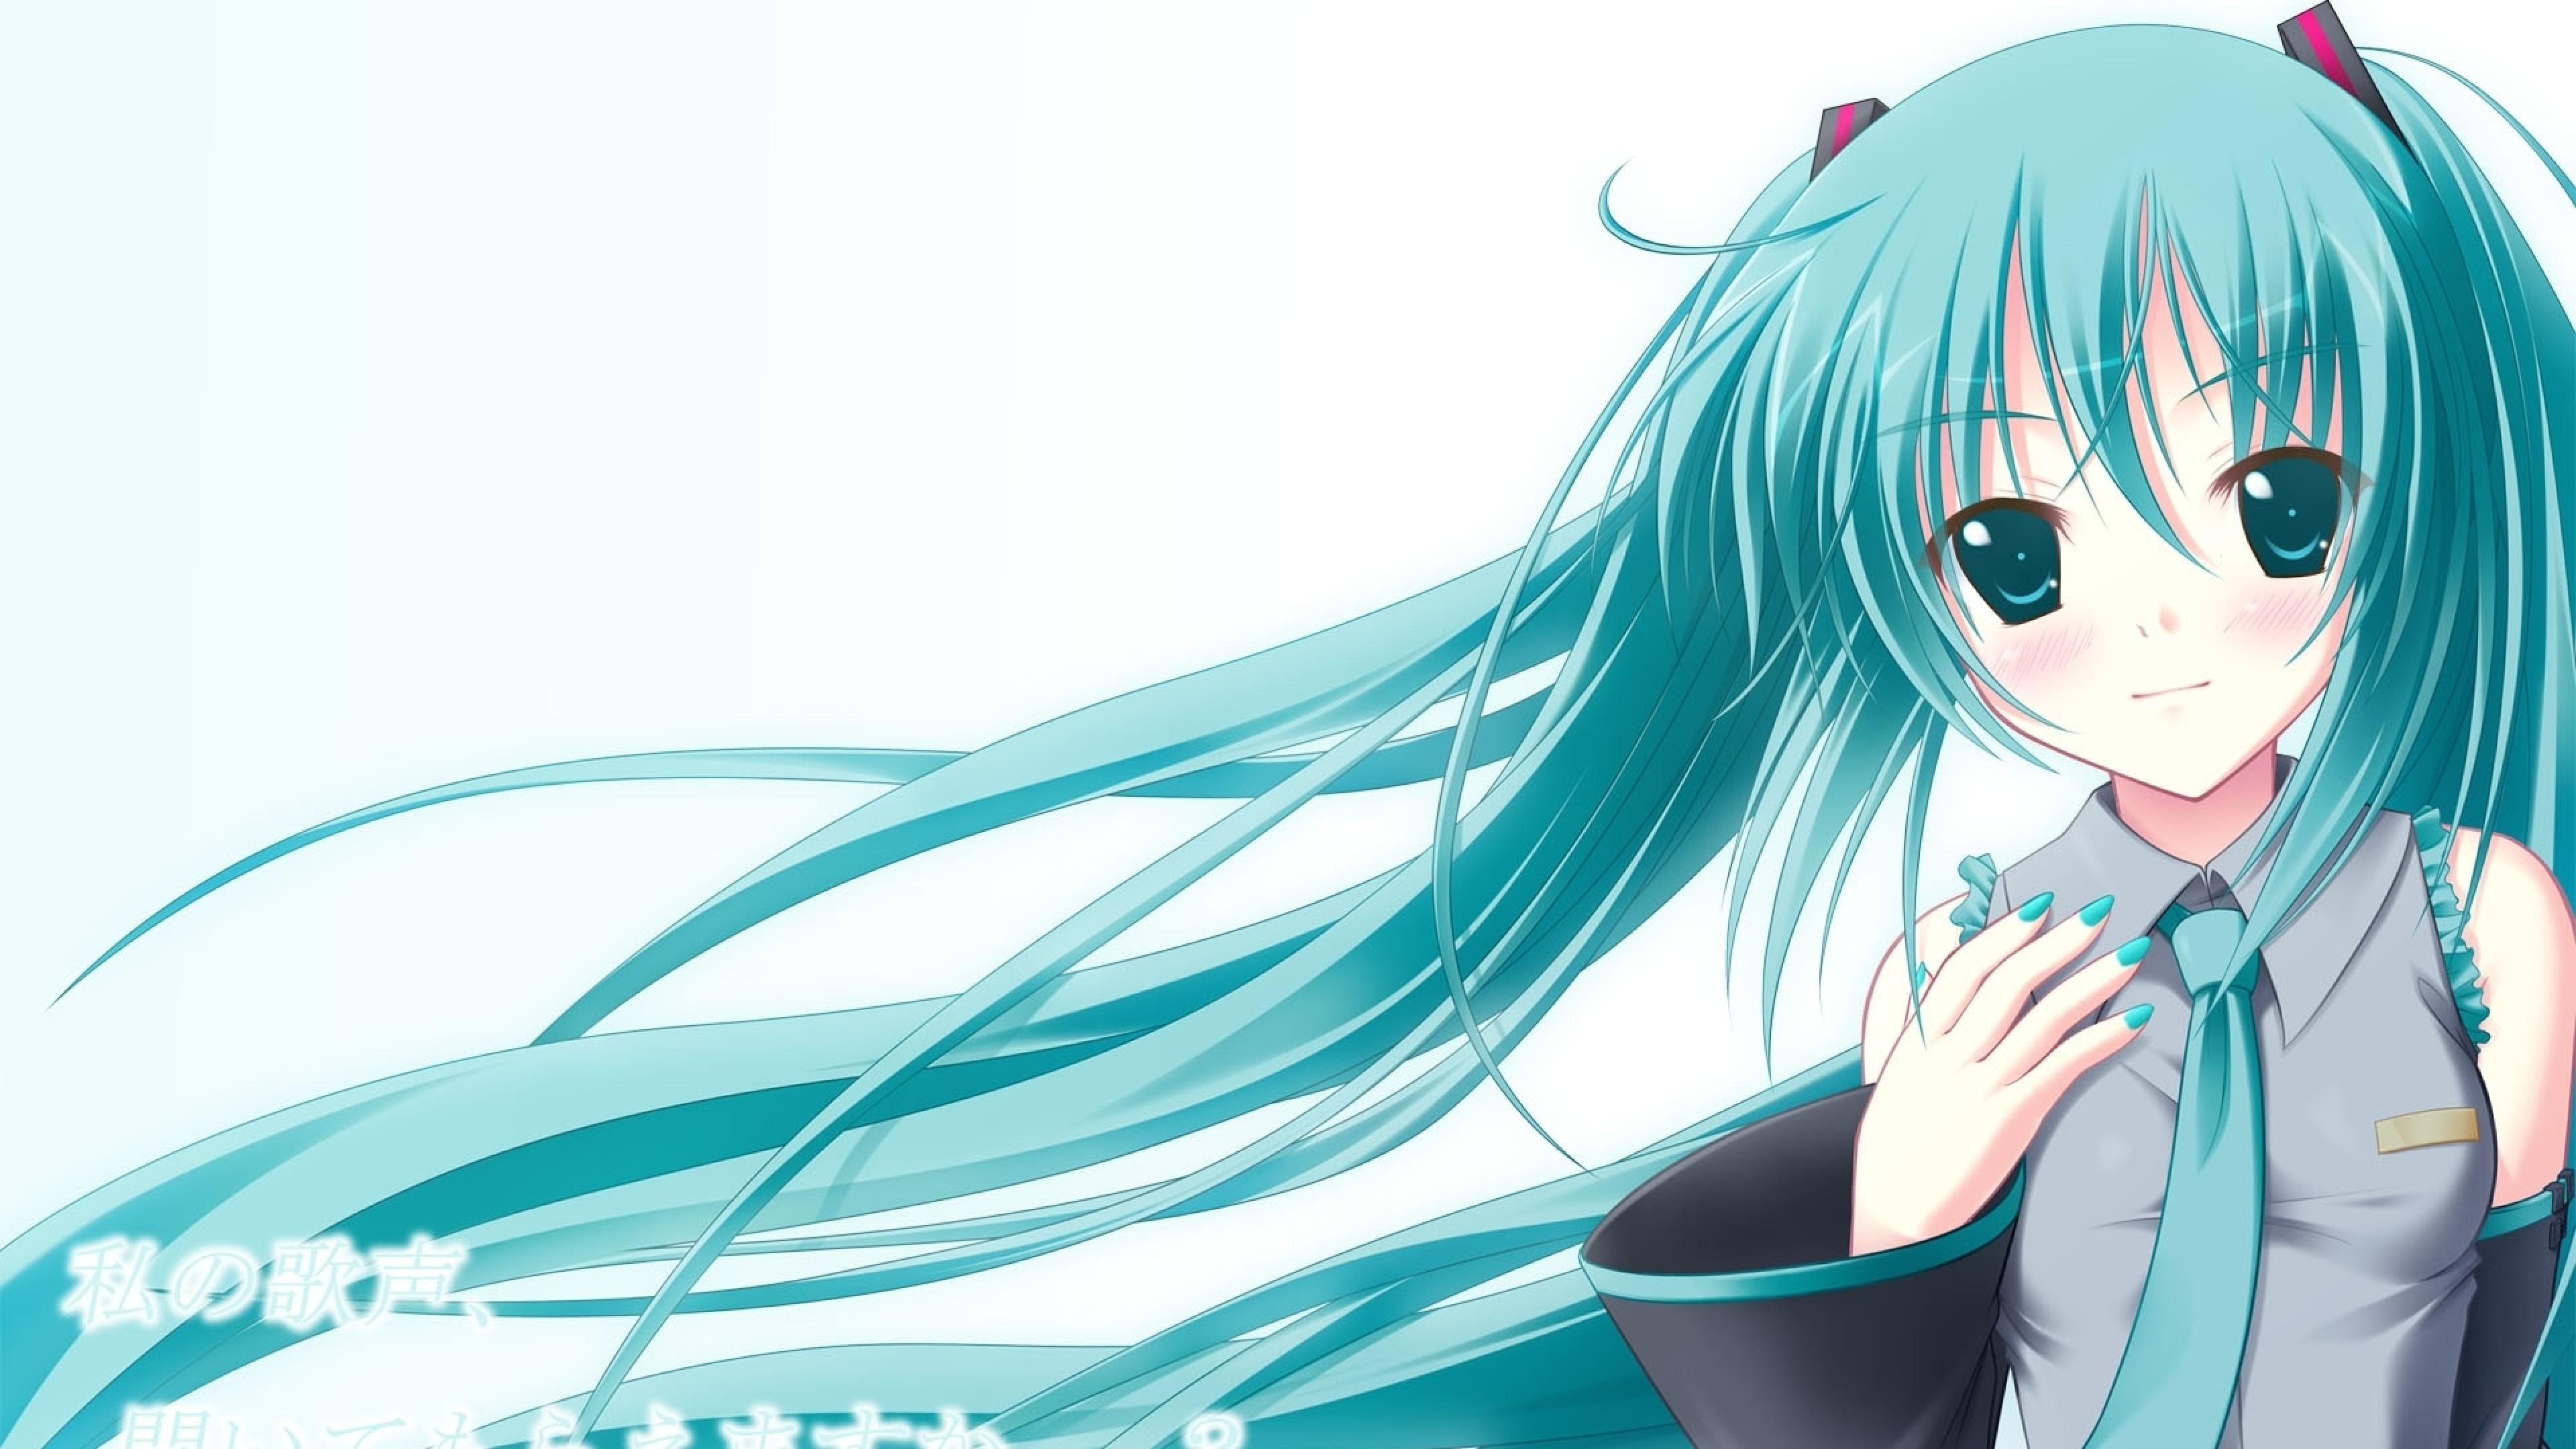 Wallpaper girl, hair, light, blue, anime